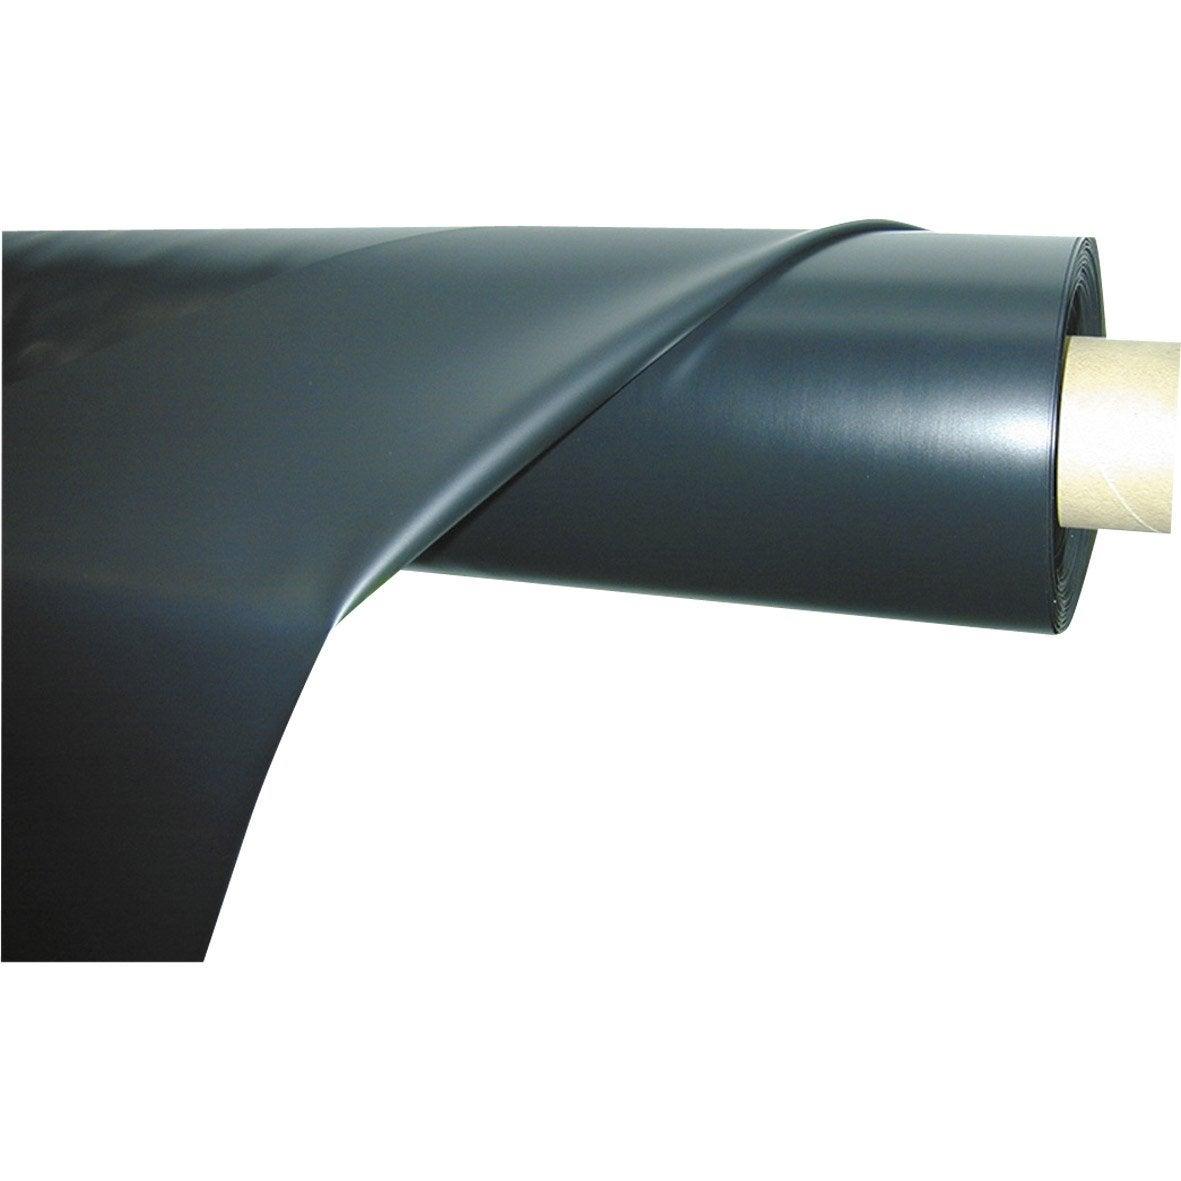 Liner pour bassin ubbink aqualiner 205 50x2m leroy merlin for Liner bassin